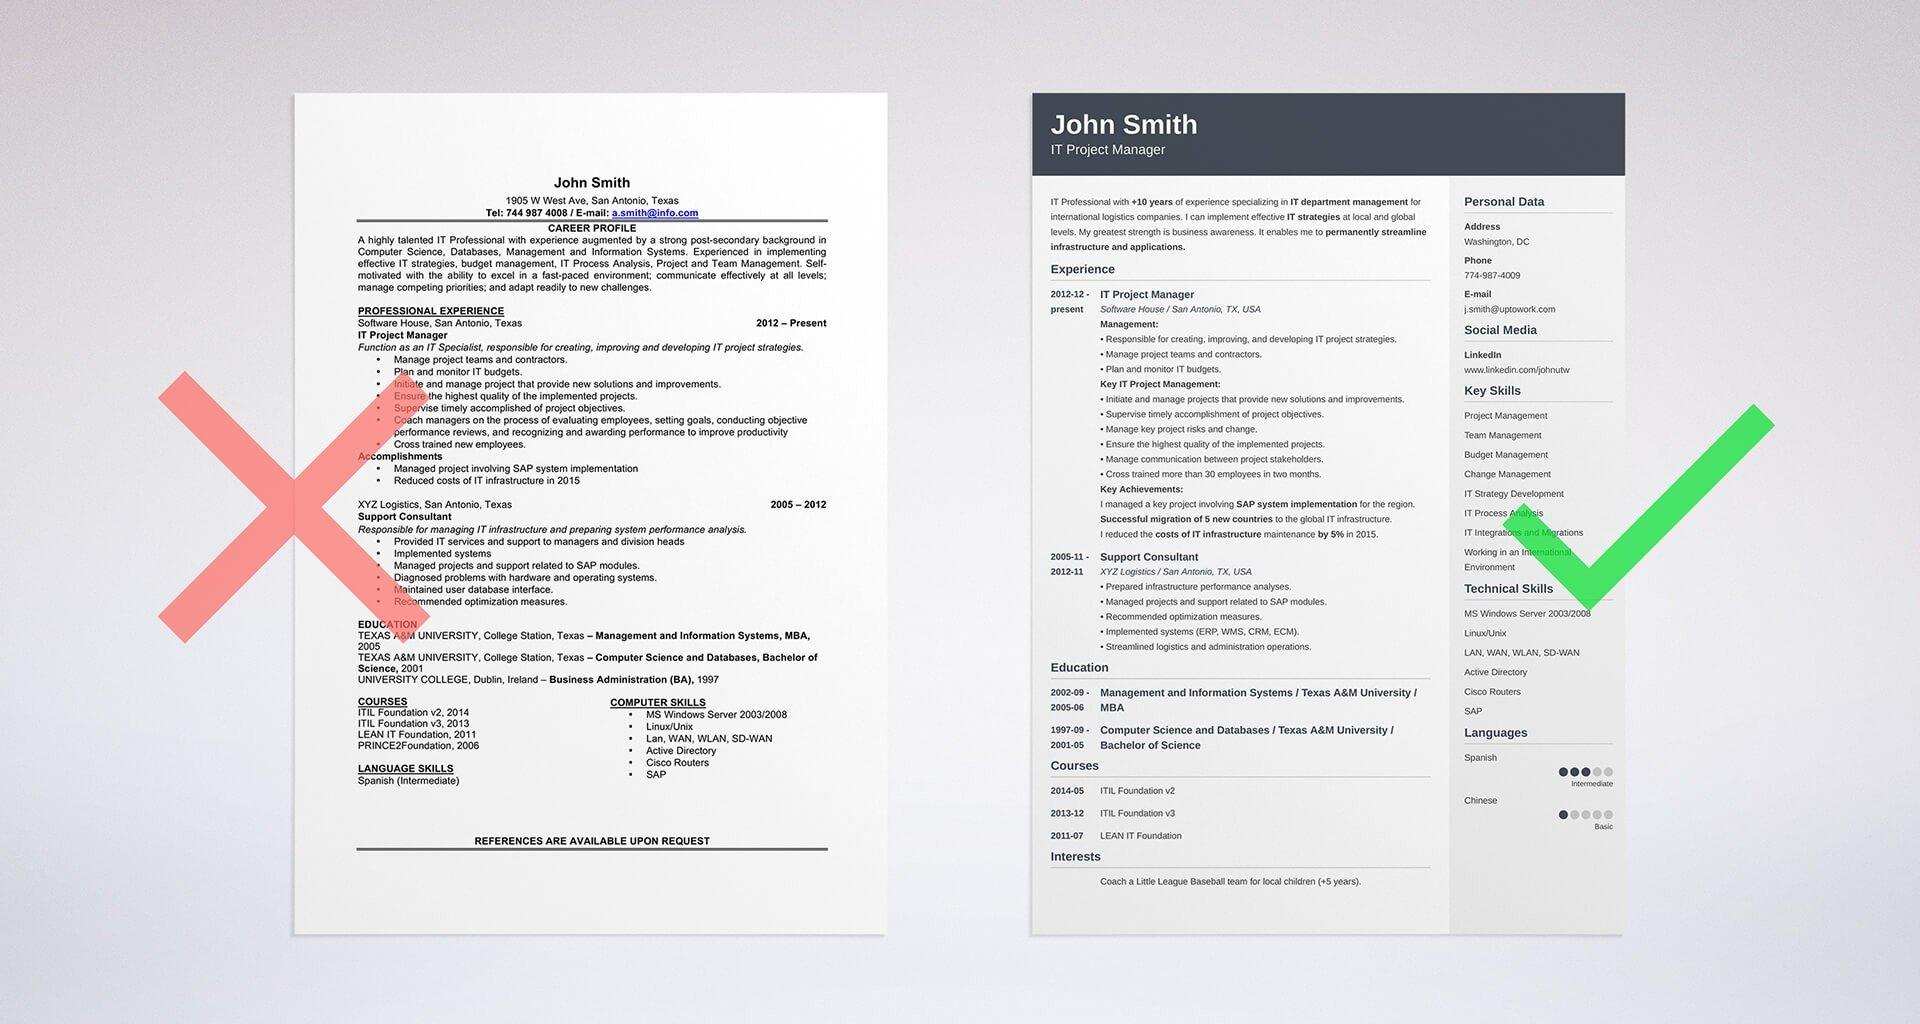 CV-ul tau nu este atat de important pe cat crezi